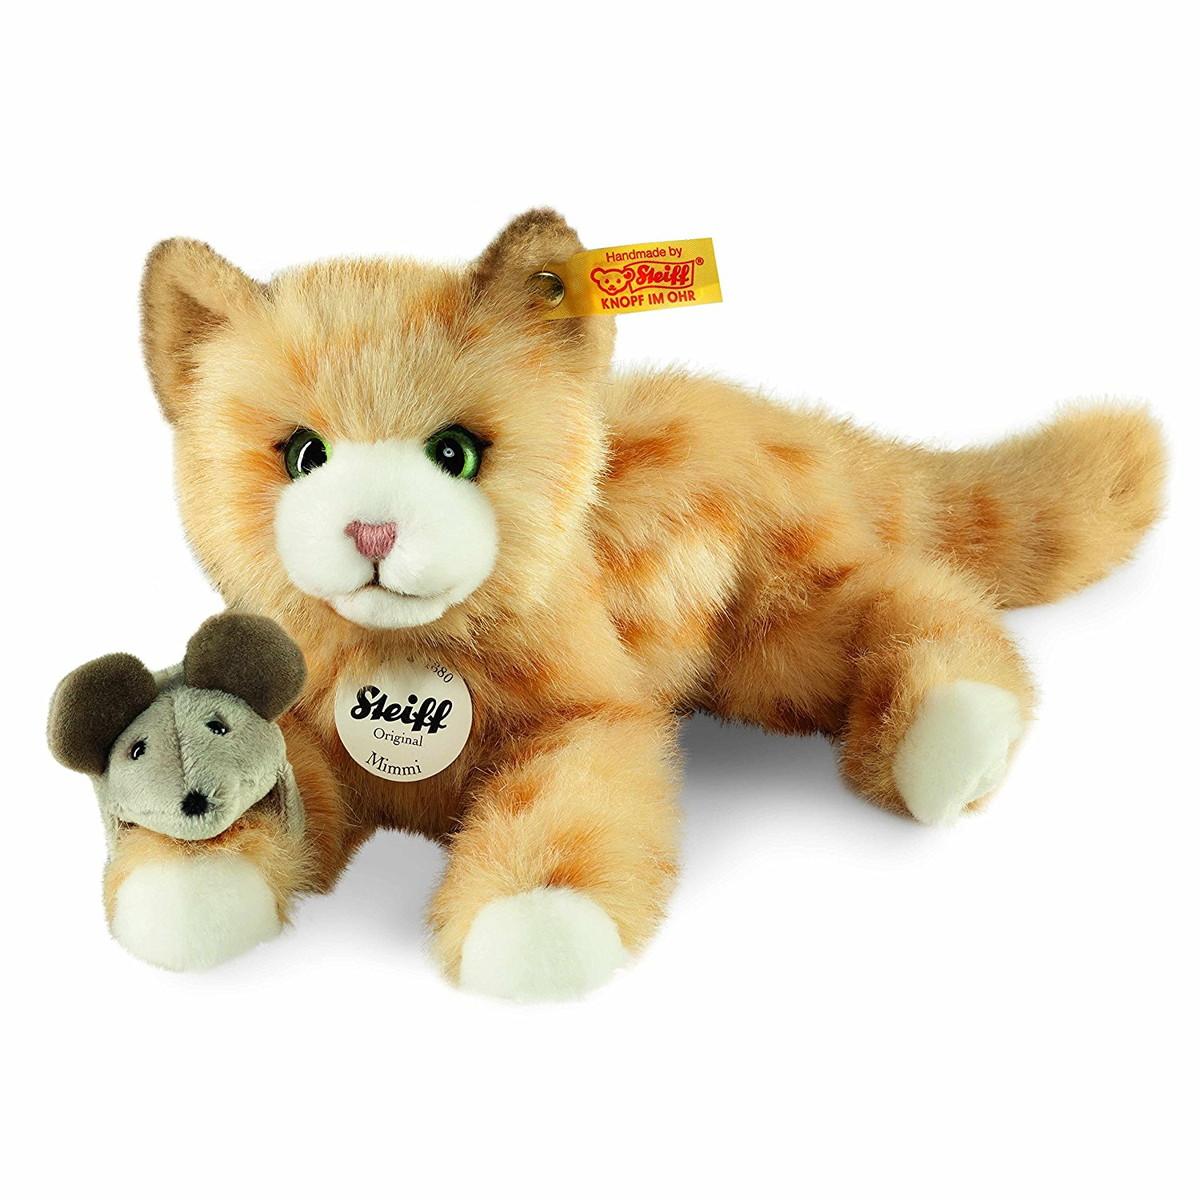 Steiff シュタイフ Mimmi 猫 ネコ ぶち猫 とら猫 キャット ぬいぐるみ 人形 かわいい